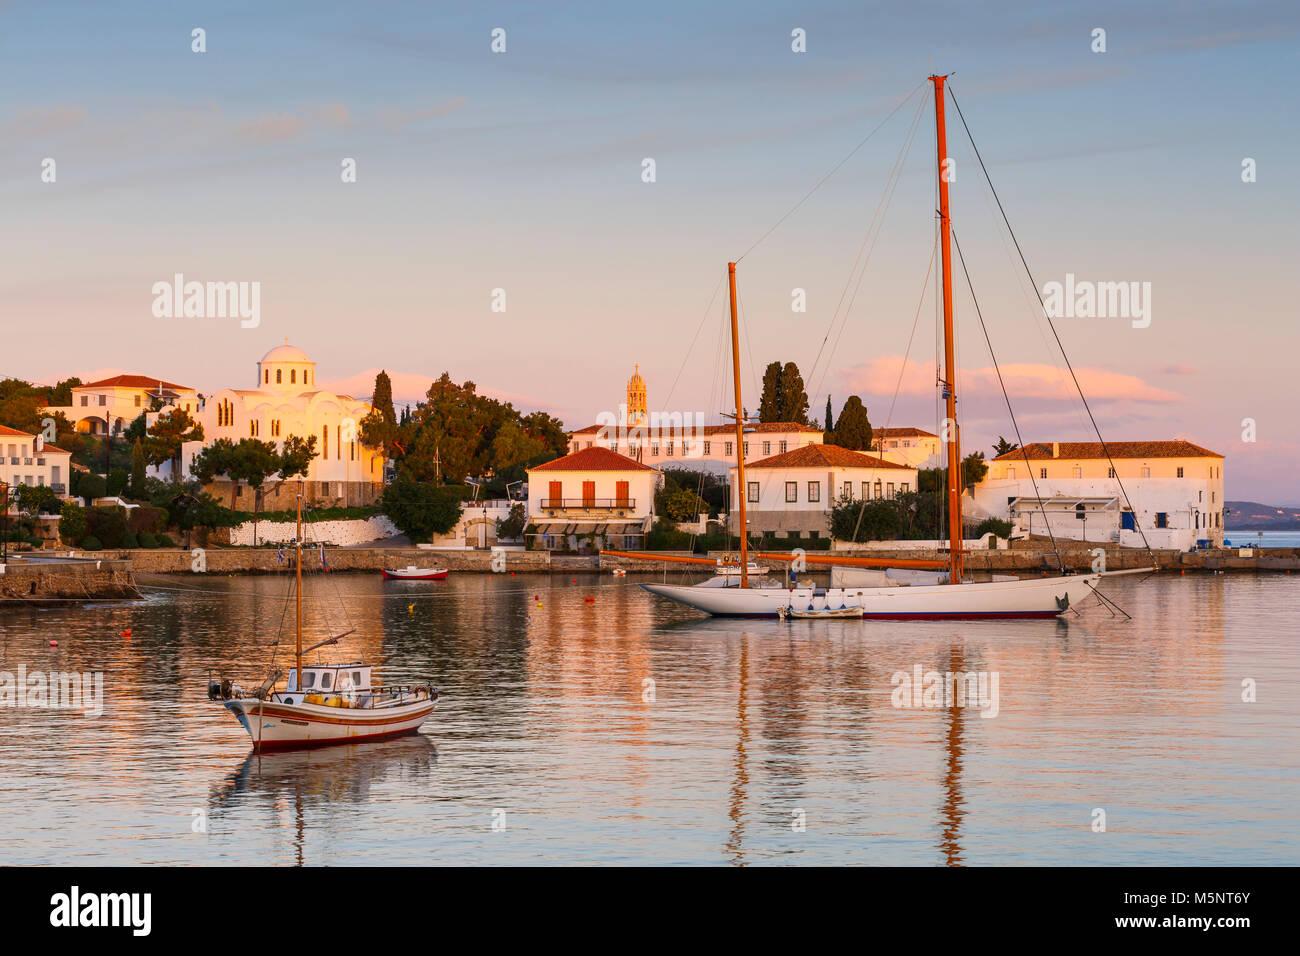 Maisons dans le port de Spetses, Grèce. Photo Stock